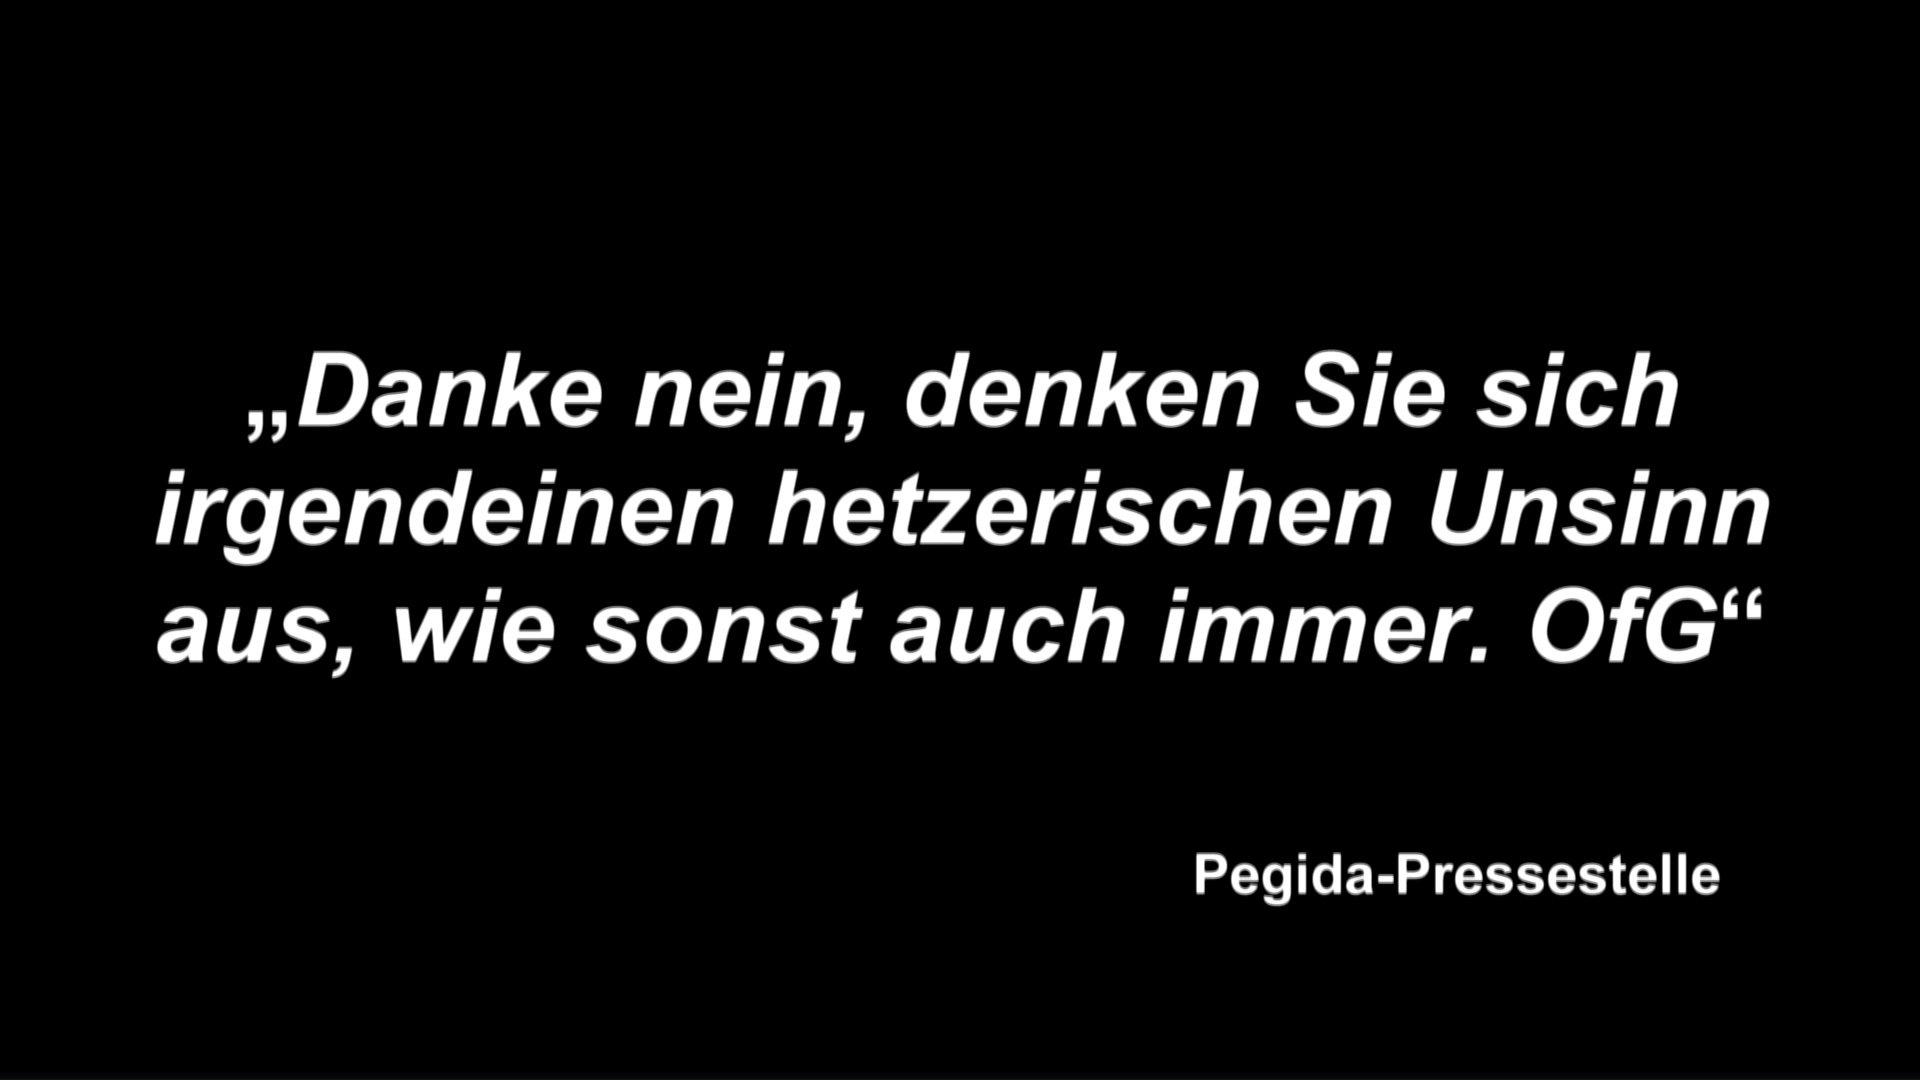 Antwort der Pegida-Pressestelle auf die dbate.de-Interviewanfrage, 2015.